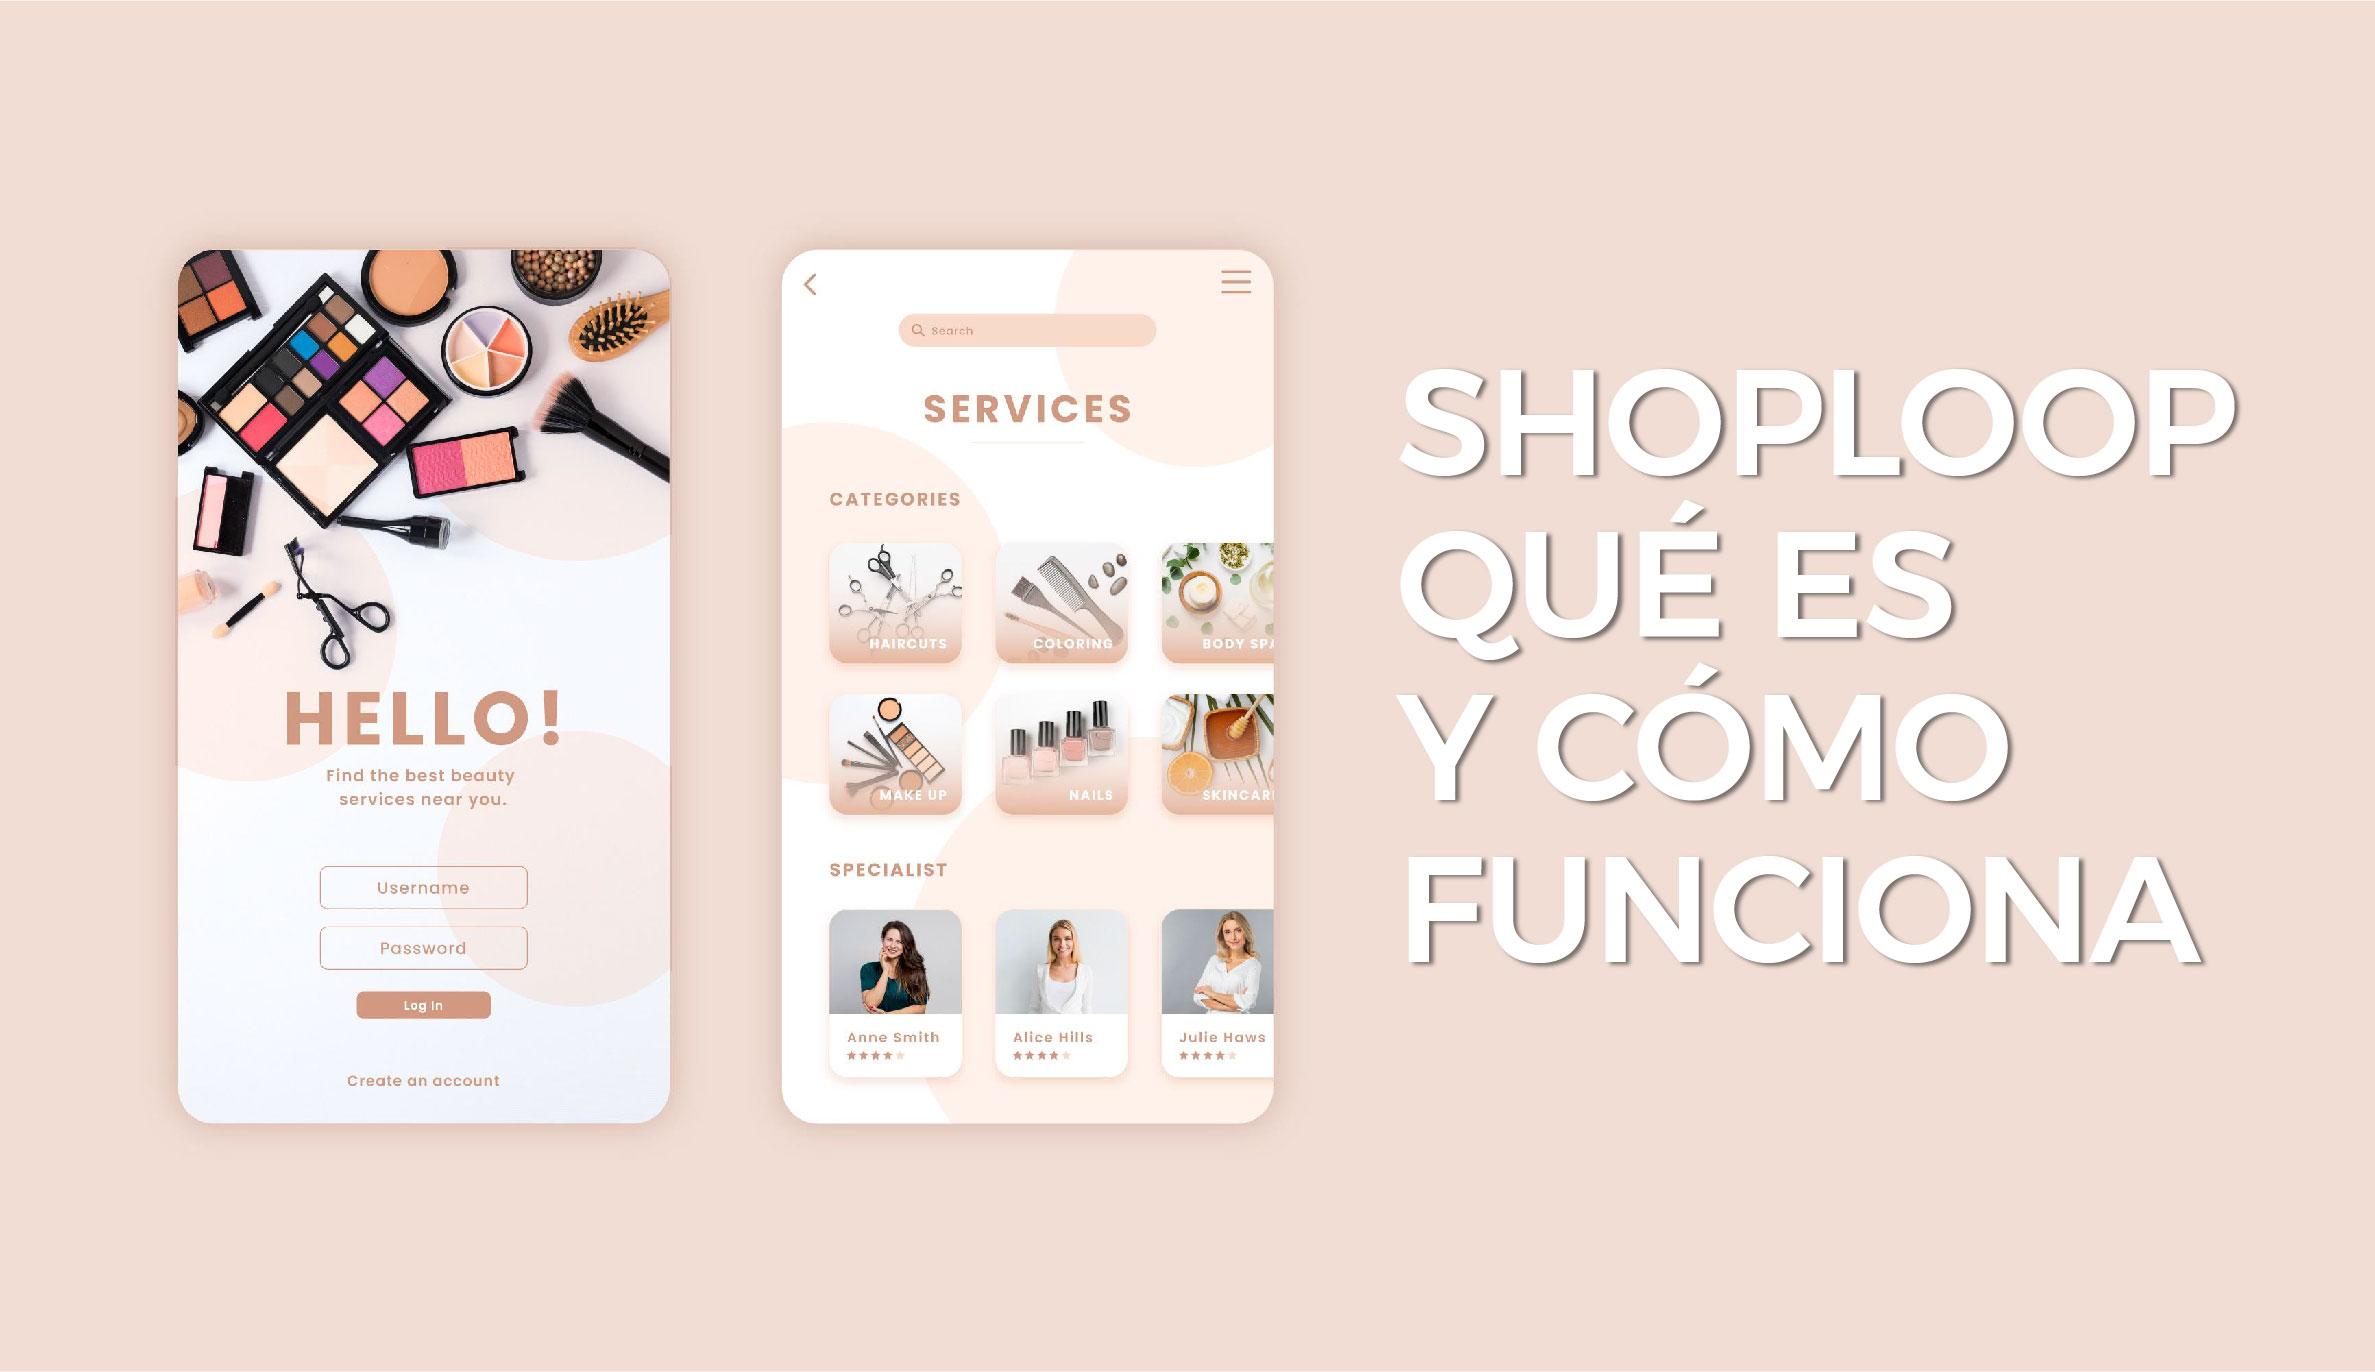 Qué es Shoploop y cómo funciona